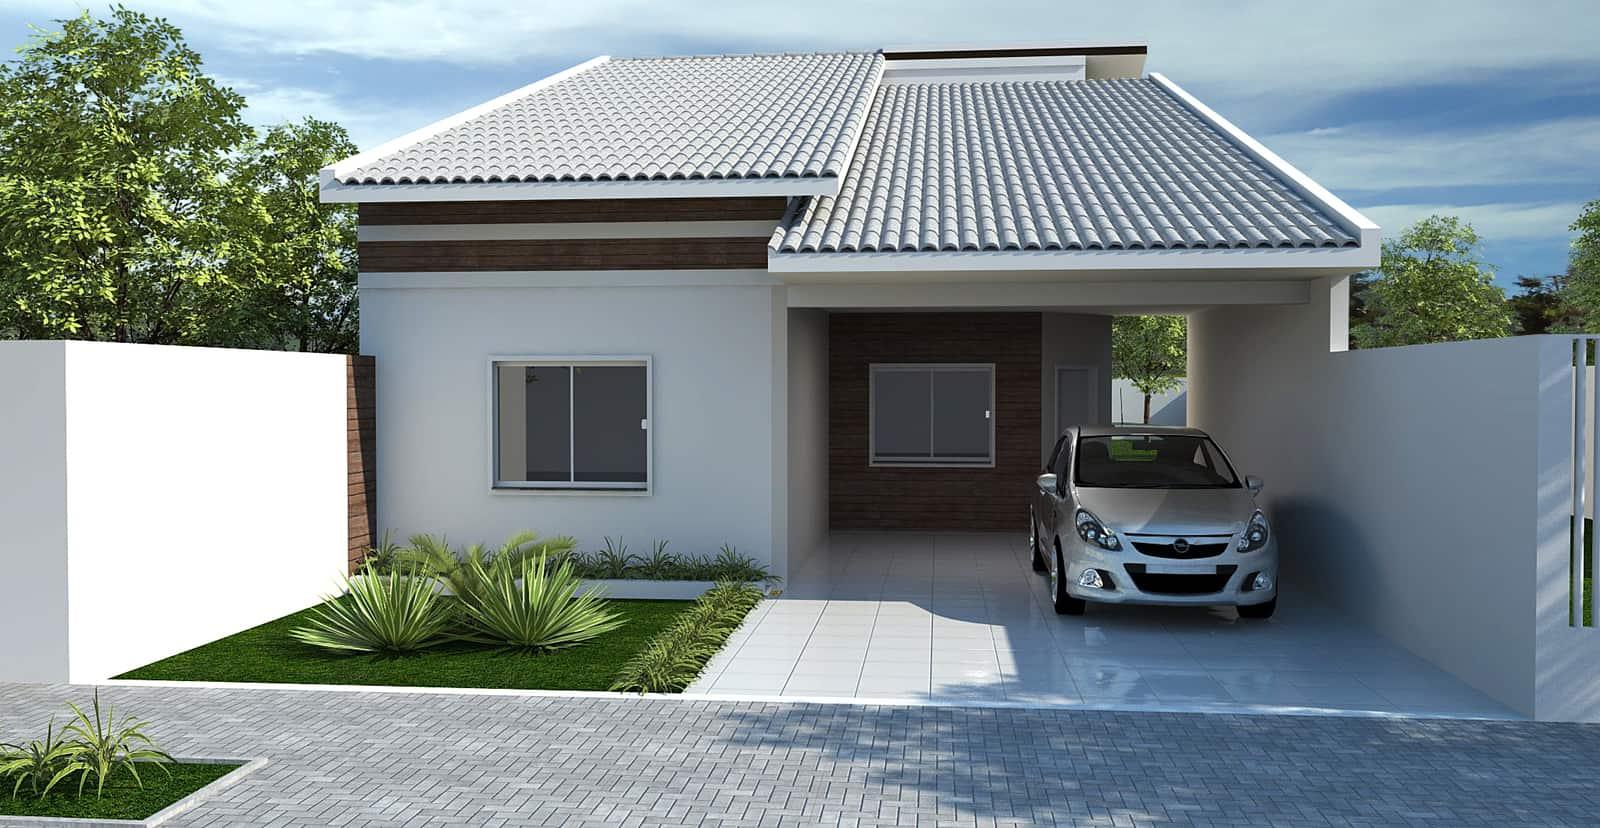 17 ideias de fachada para casas pequenas veja fotos for Antejardines de casas pequenas